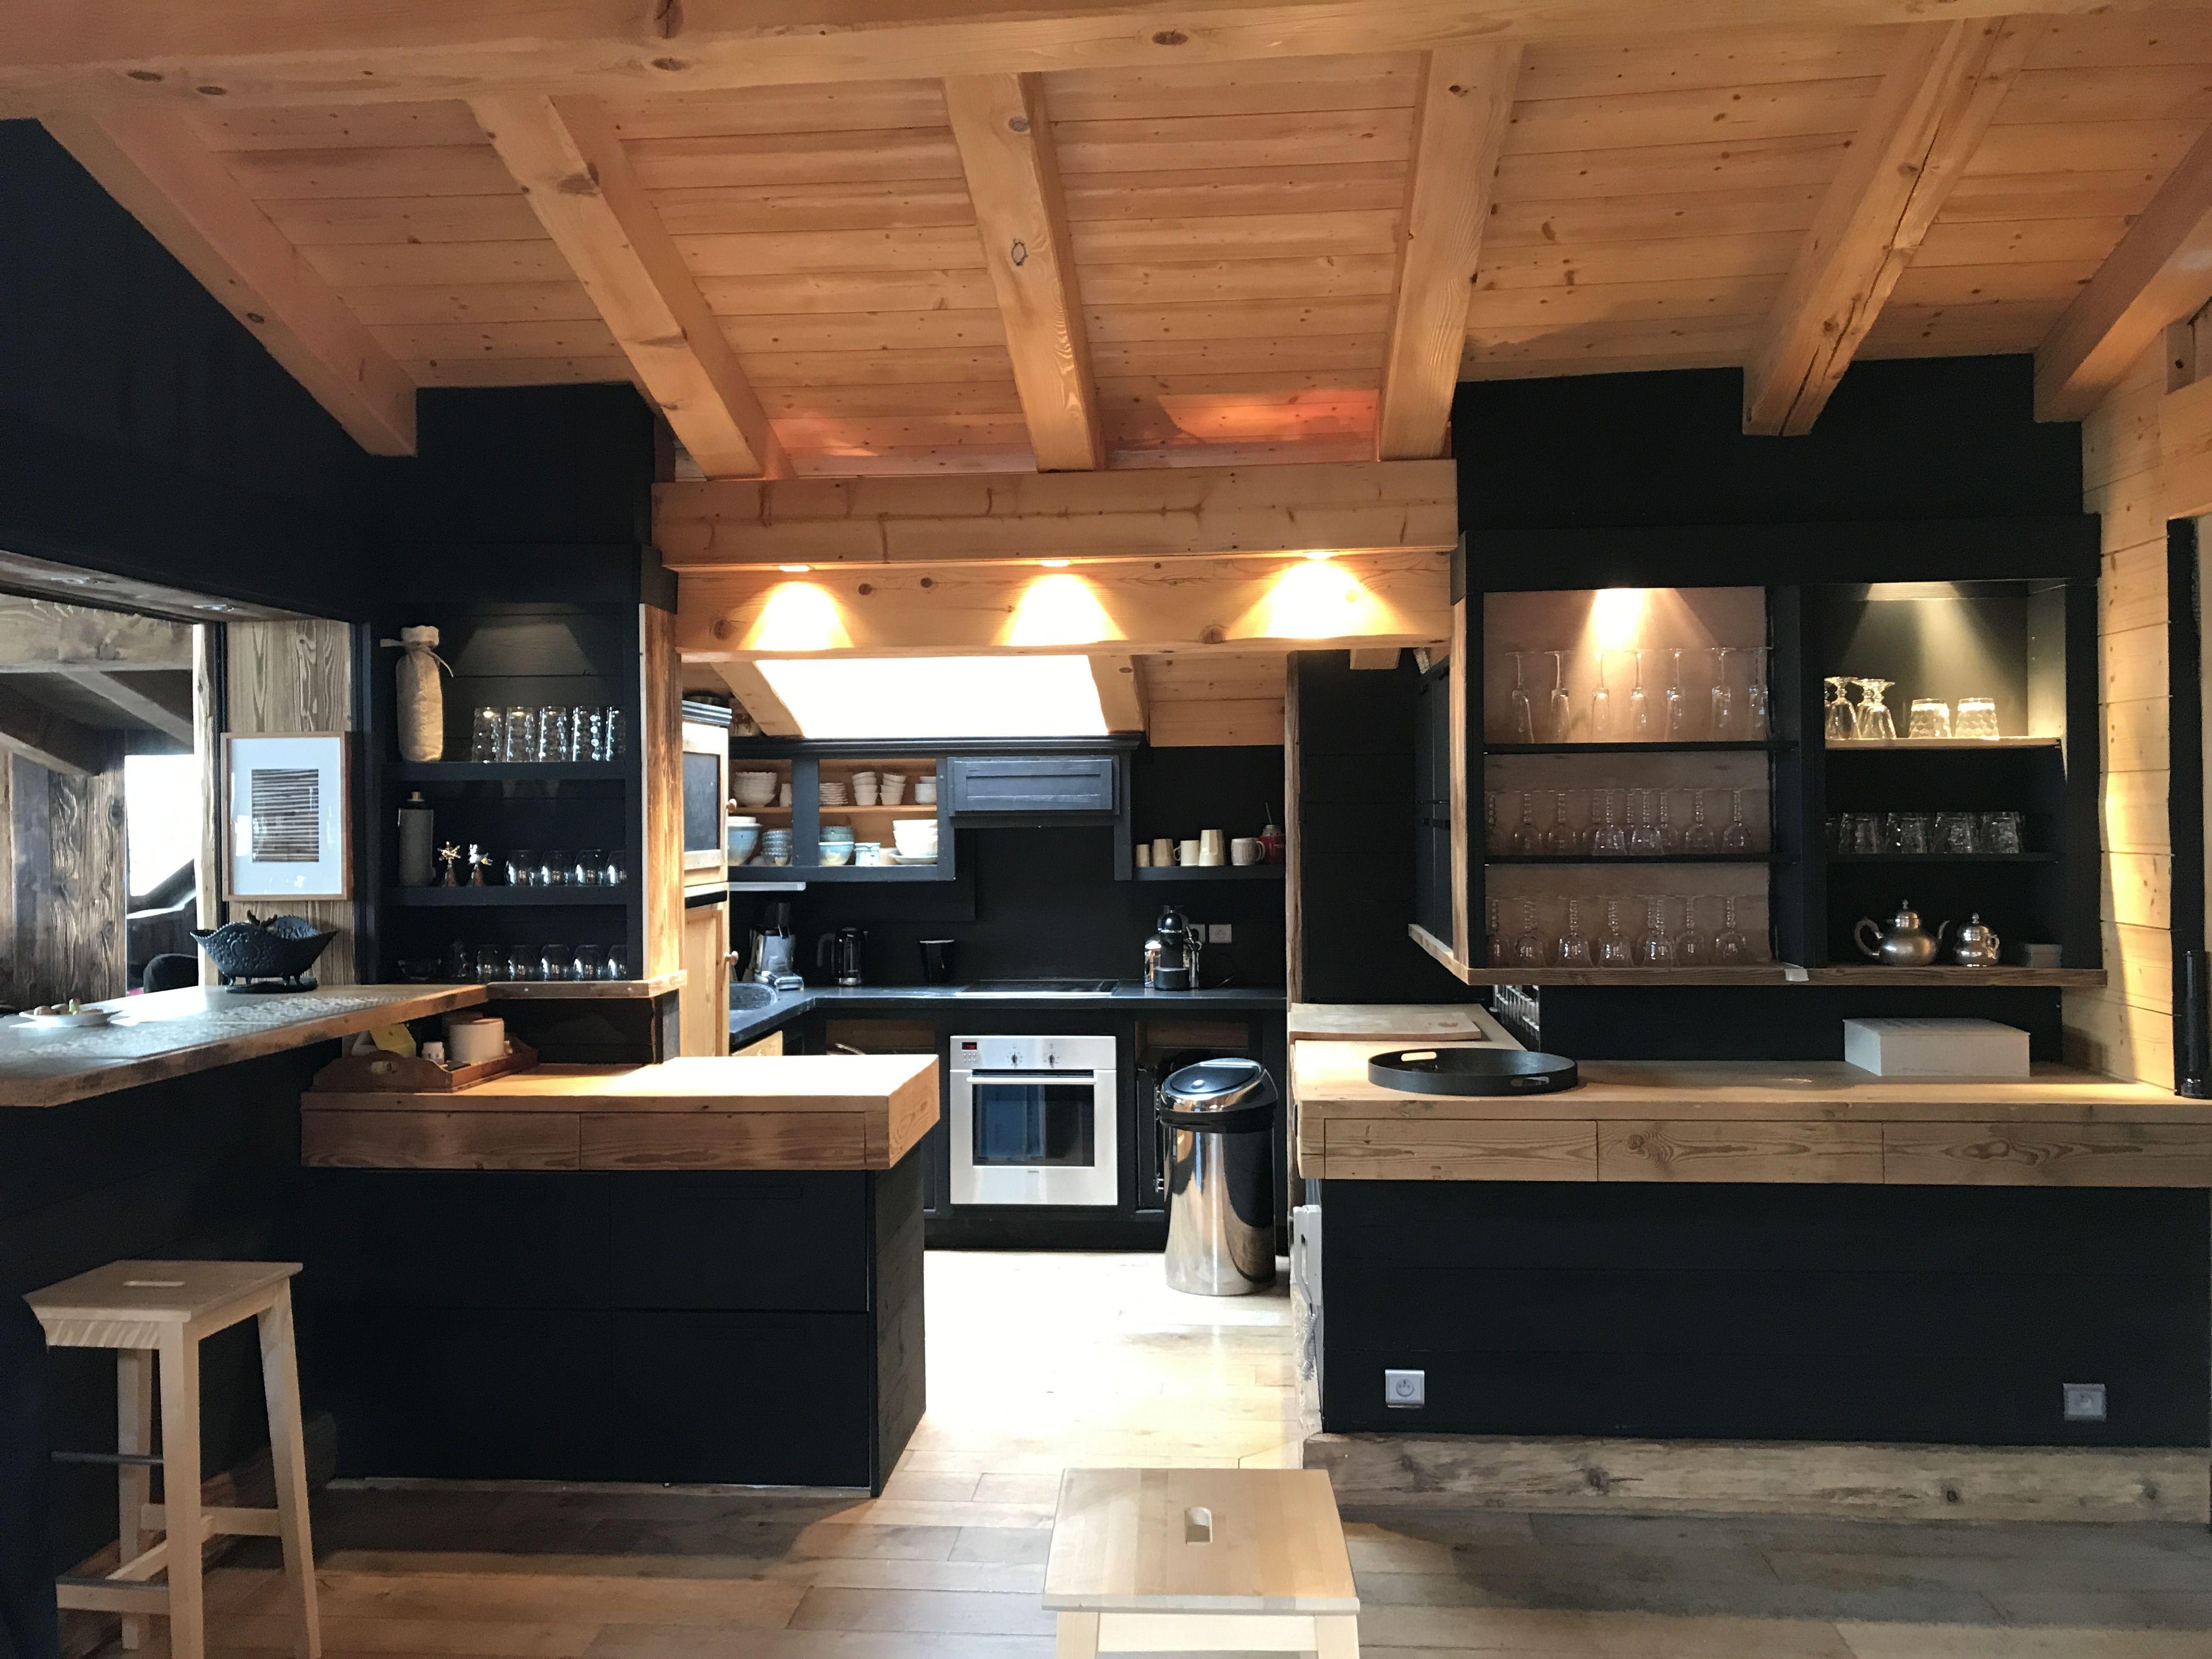 Vieux bois et peinture noire . Cuisine Chalet Megève | Interiors in ...